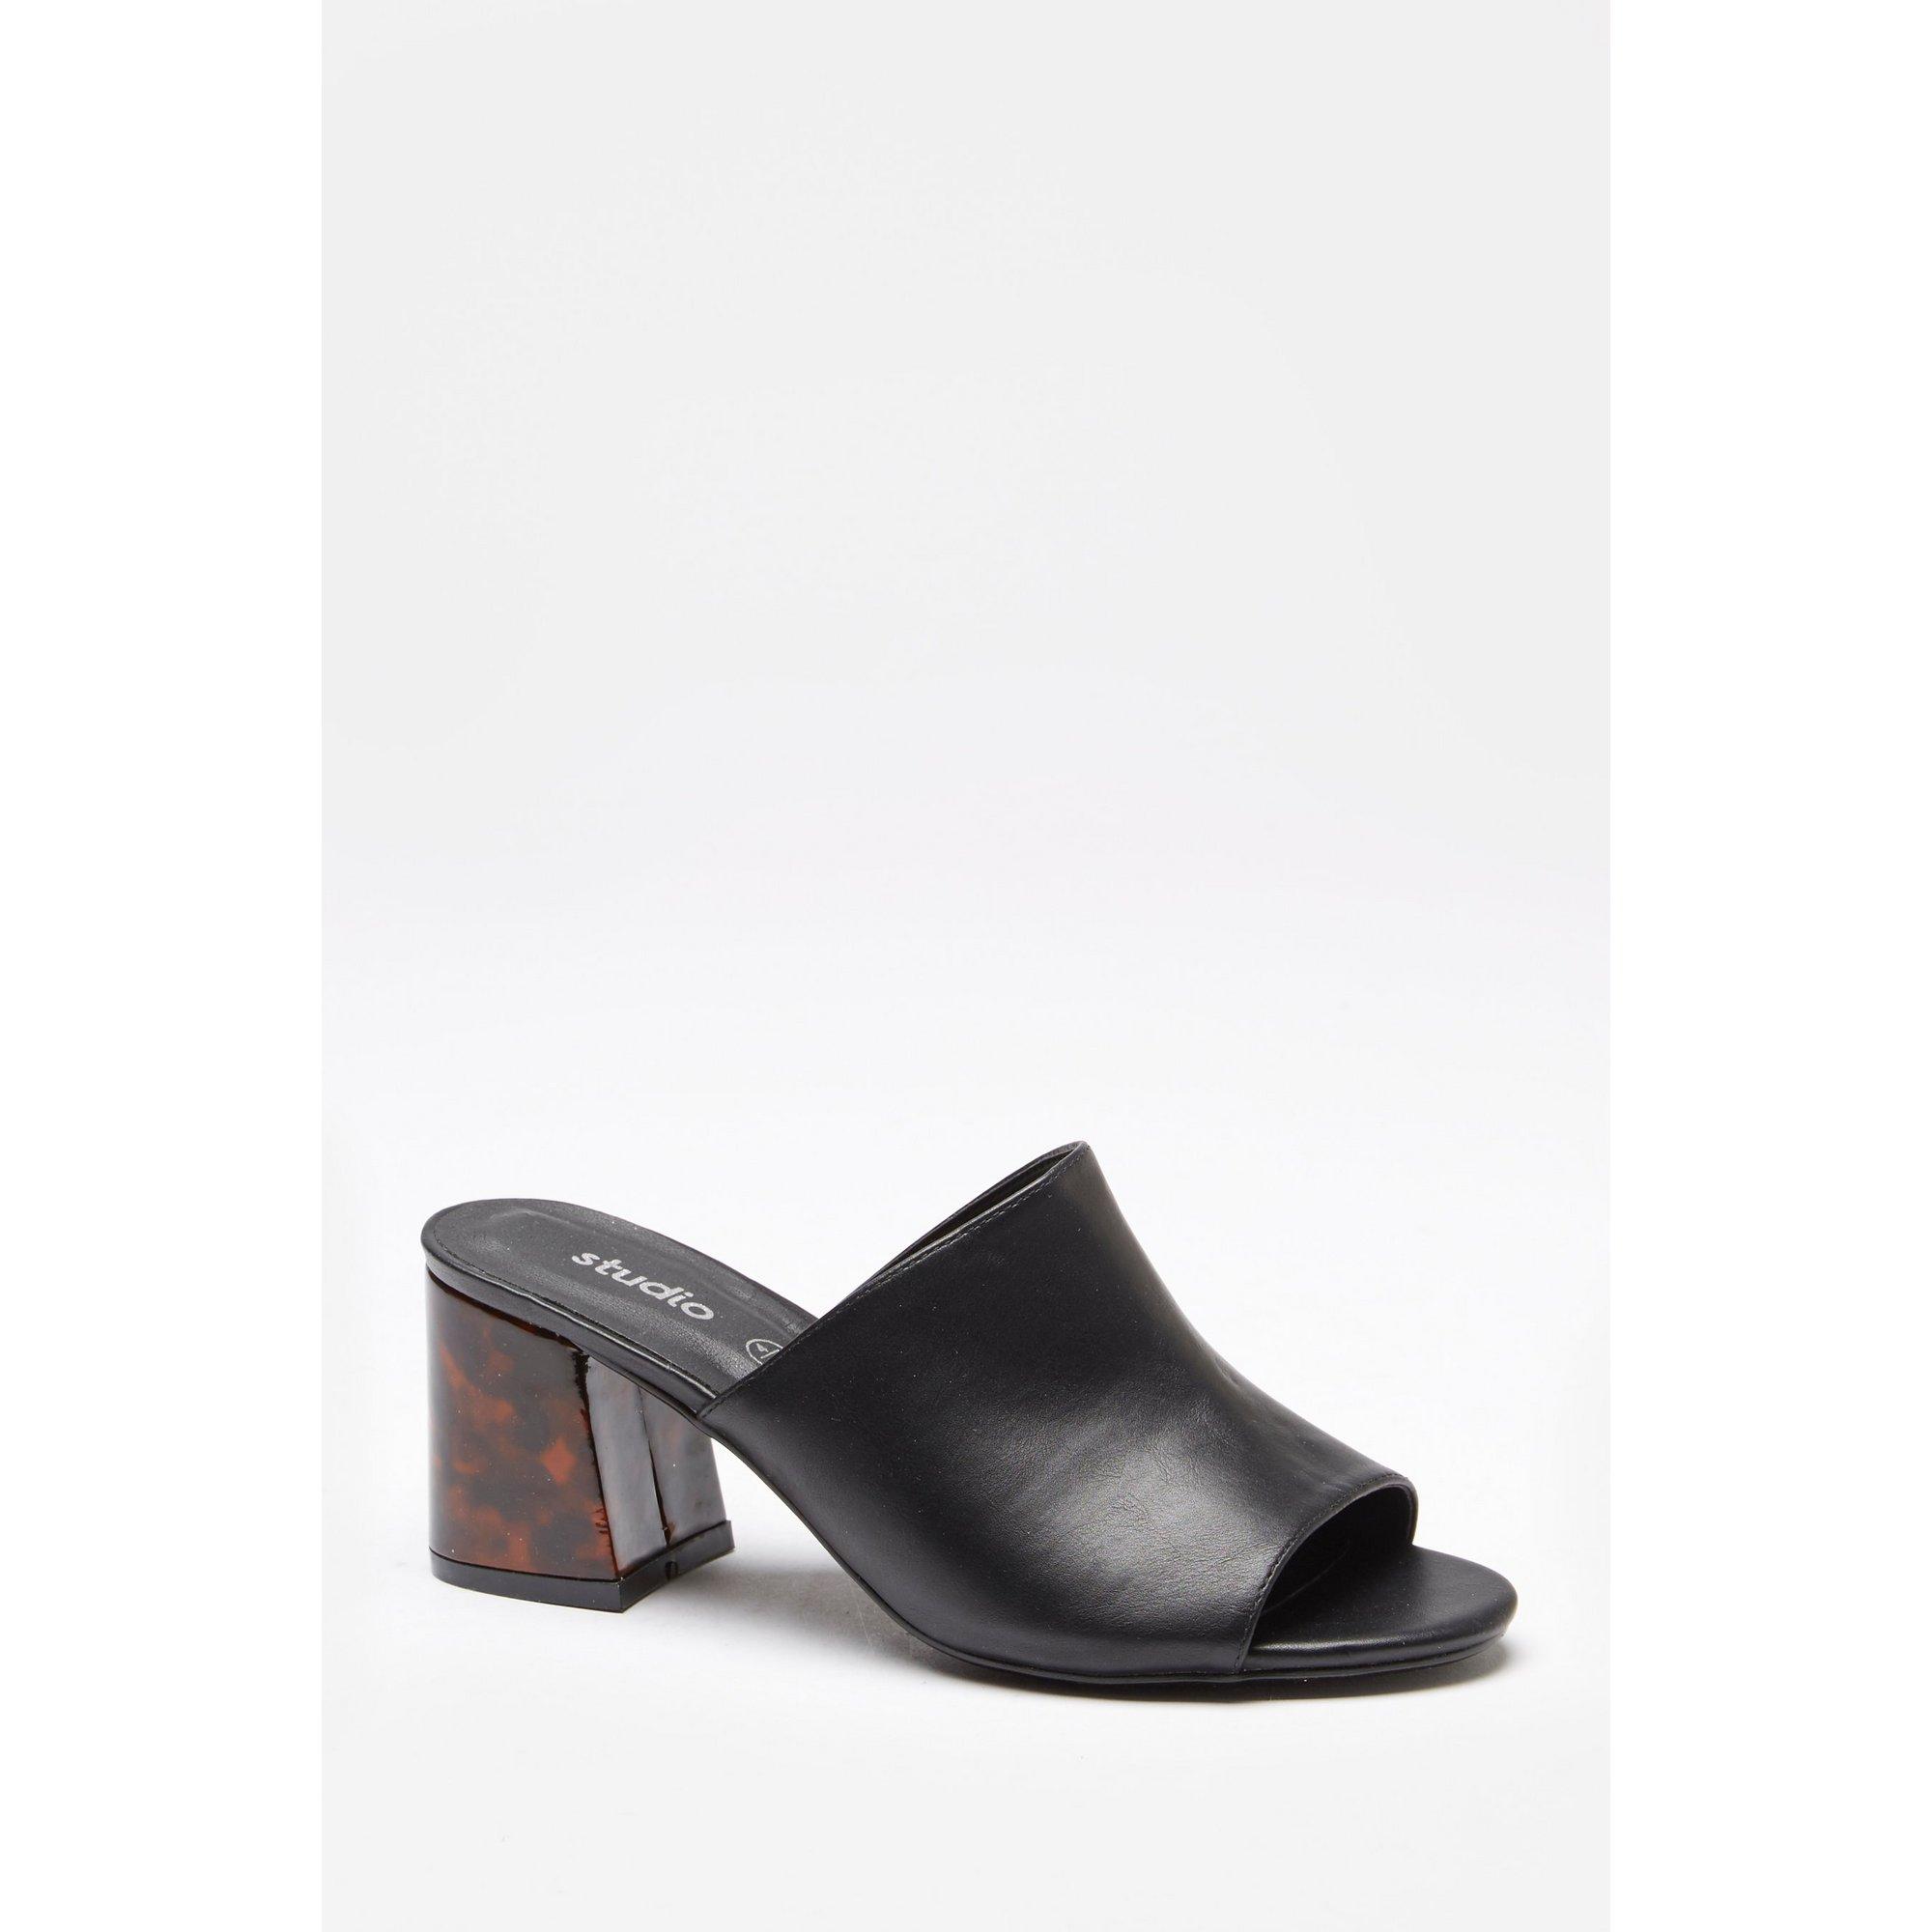 Image of Block Heel Mule Shoes